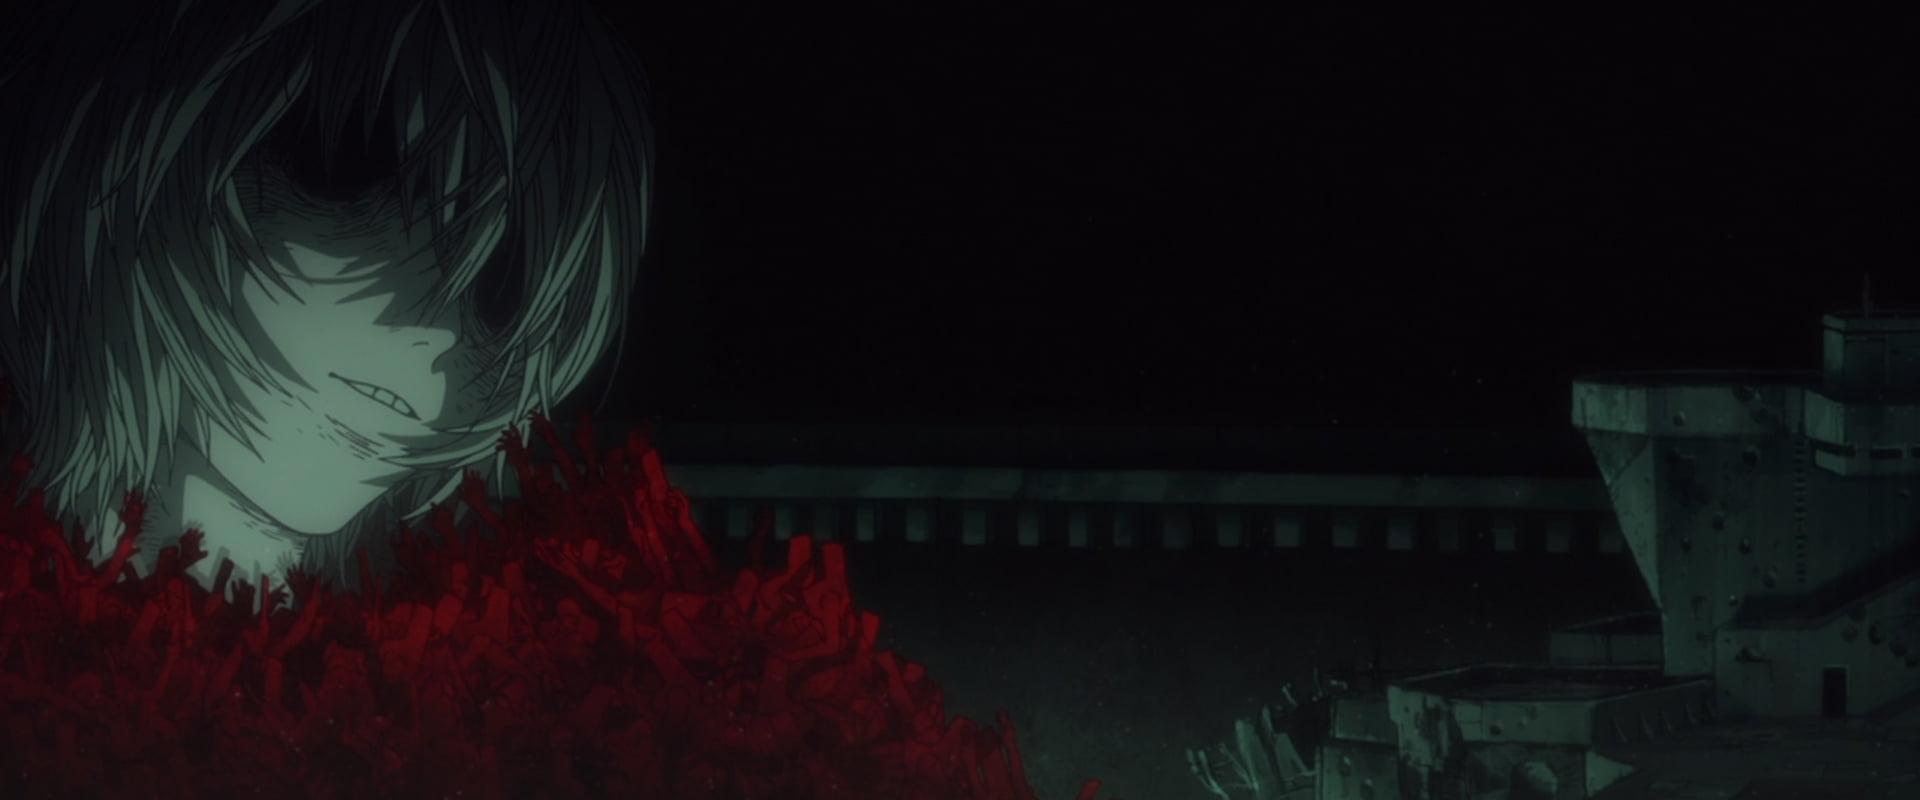 Рецензия на фильм «Rebuild of Evangelion». Deaddinos - изображение 2